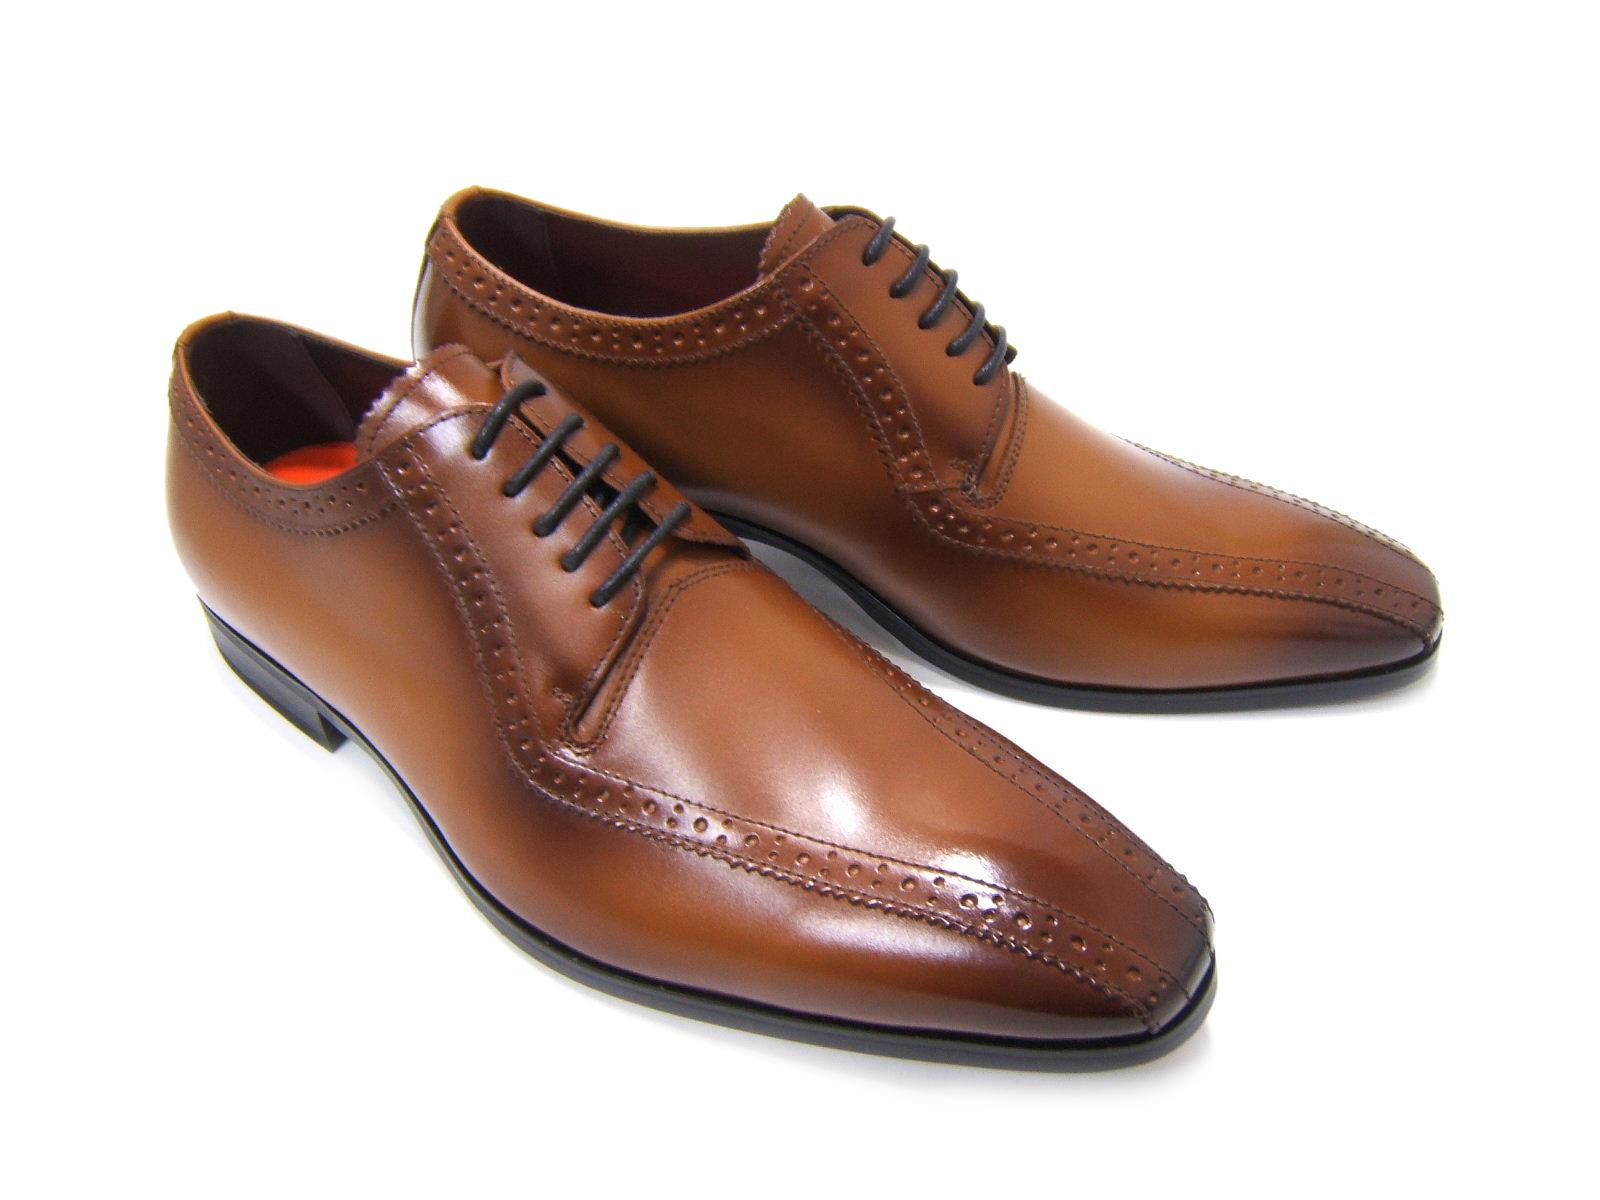 上品で遊び心ある大人の紳士ビジネスシューズ!YUKIKO HANAI/ユキコ ハナイ ビジネスYH-3113 紳士靴 ライトブラウン スワールモカ外羽根 ビジネス フォーマル 送料無料